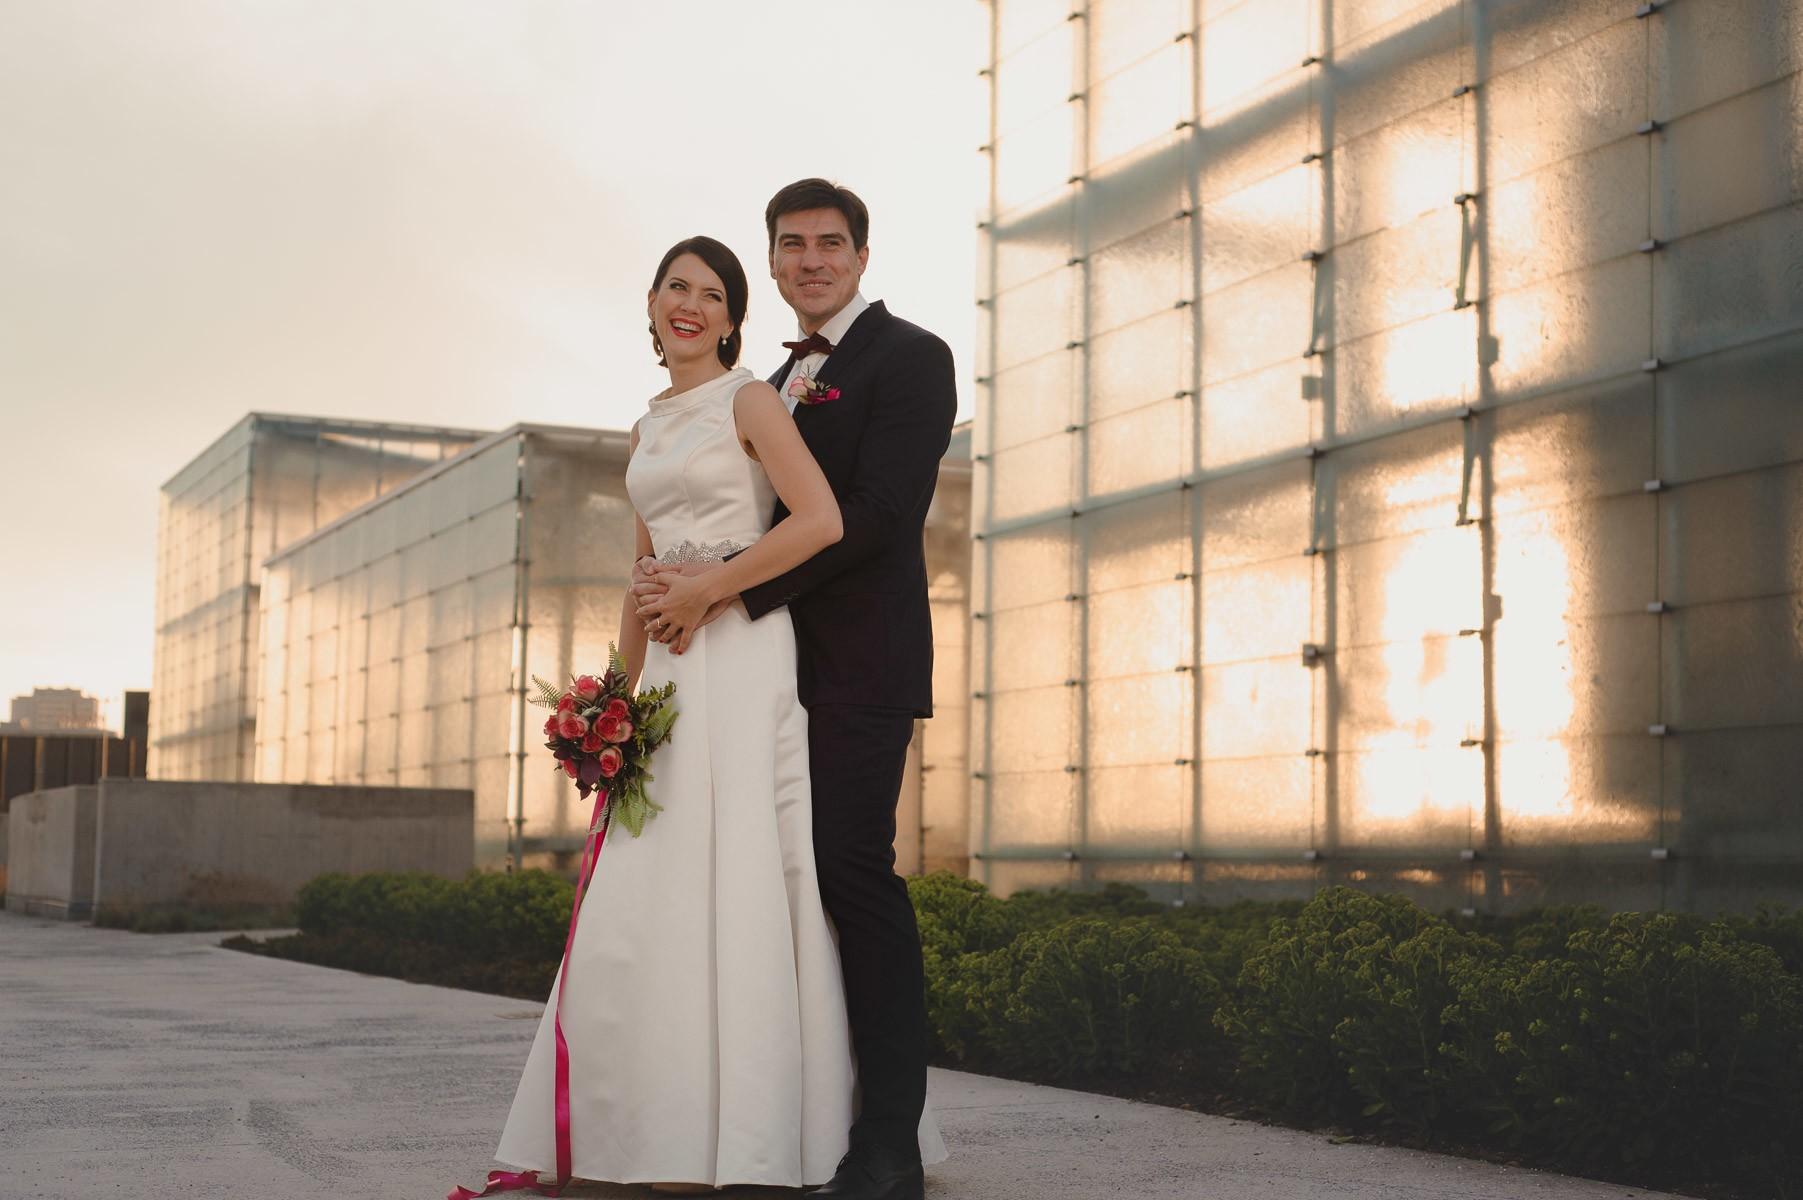 fotograf ślubny Trzebinia Chrzanów